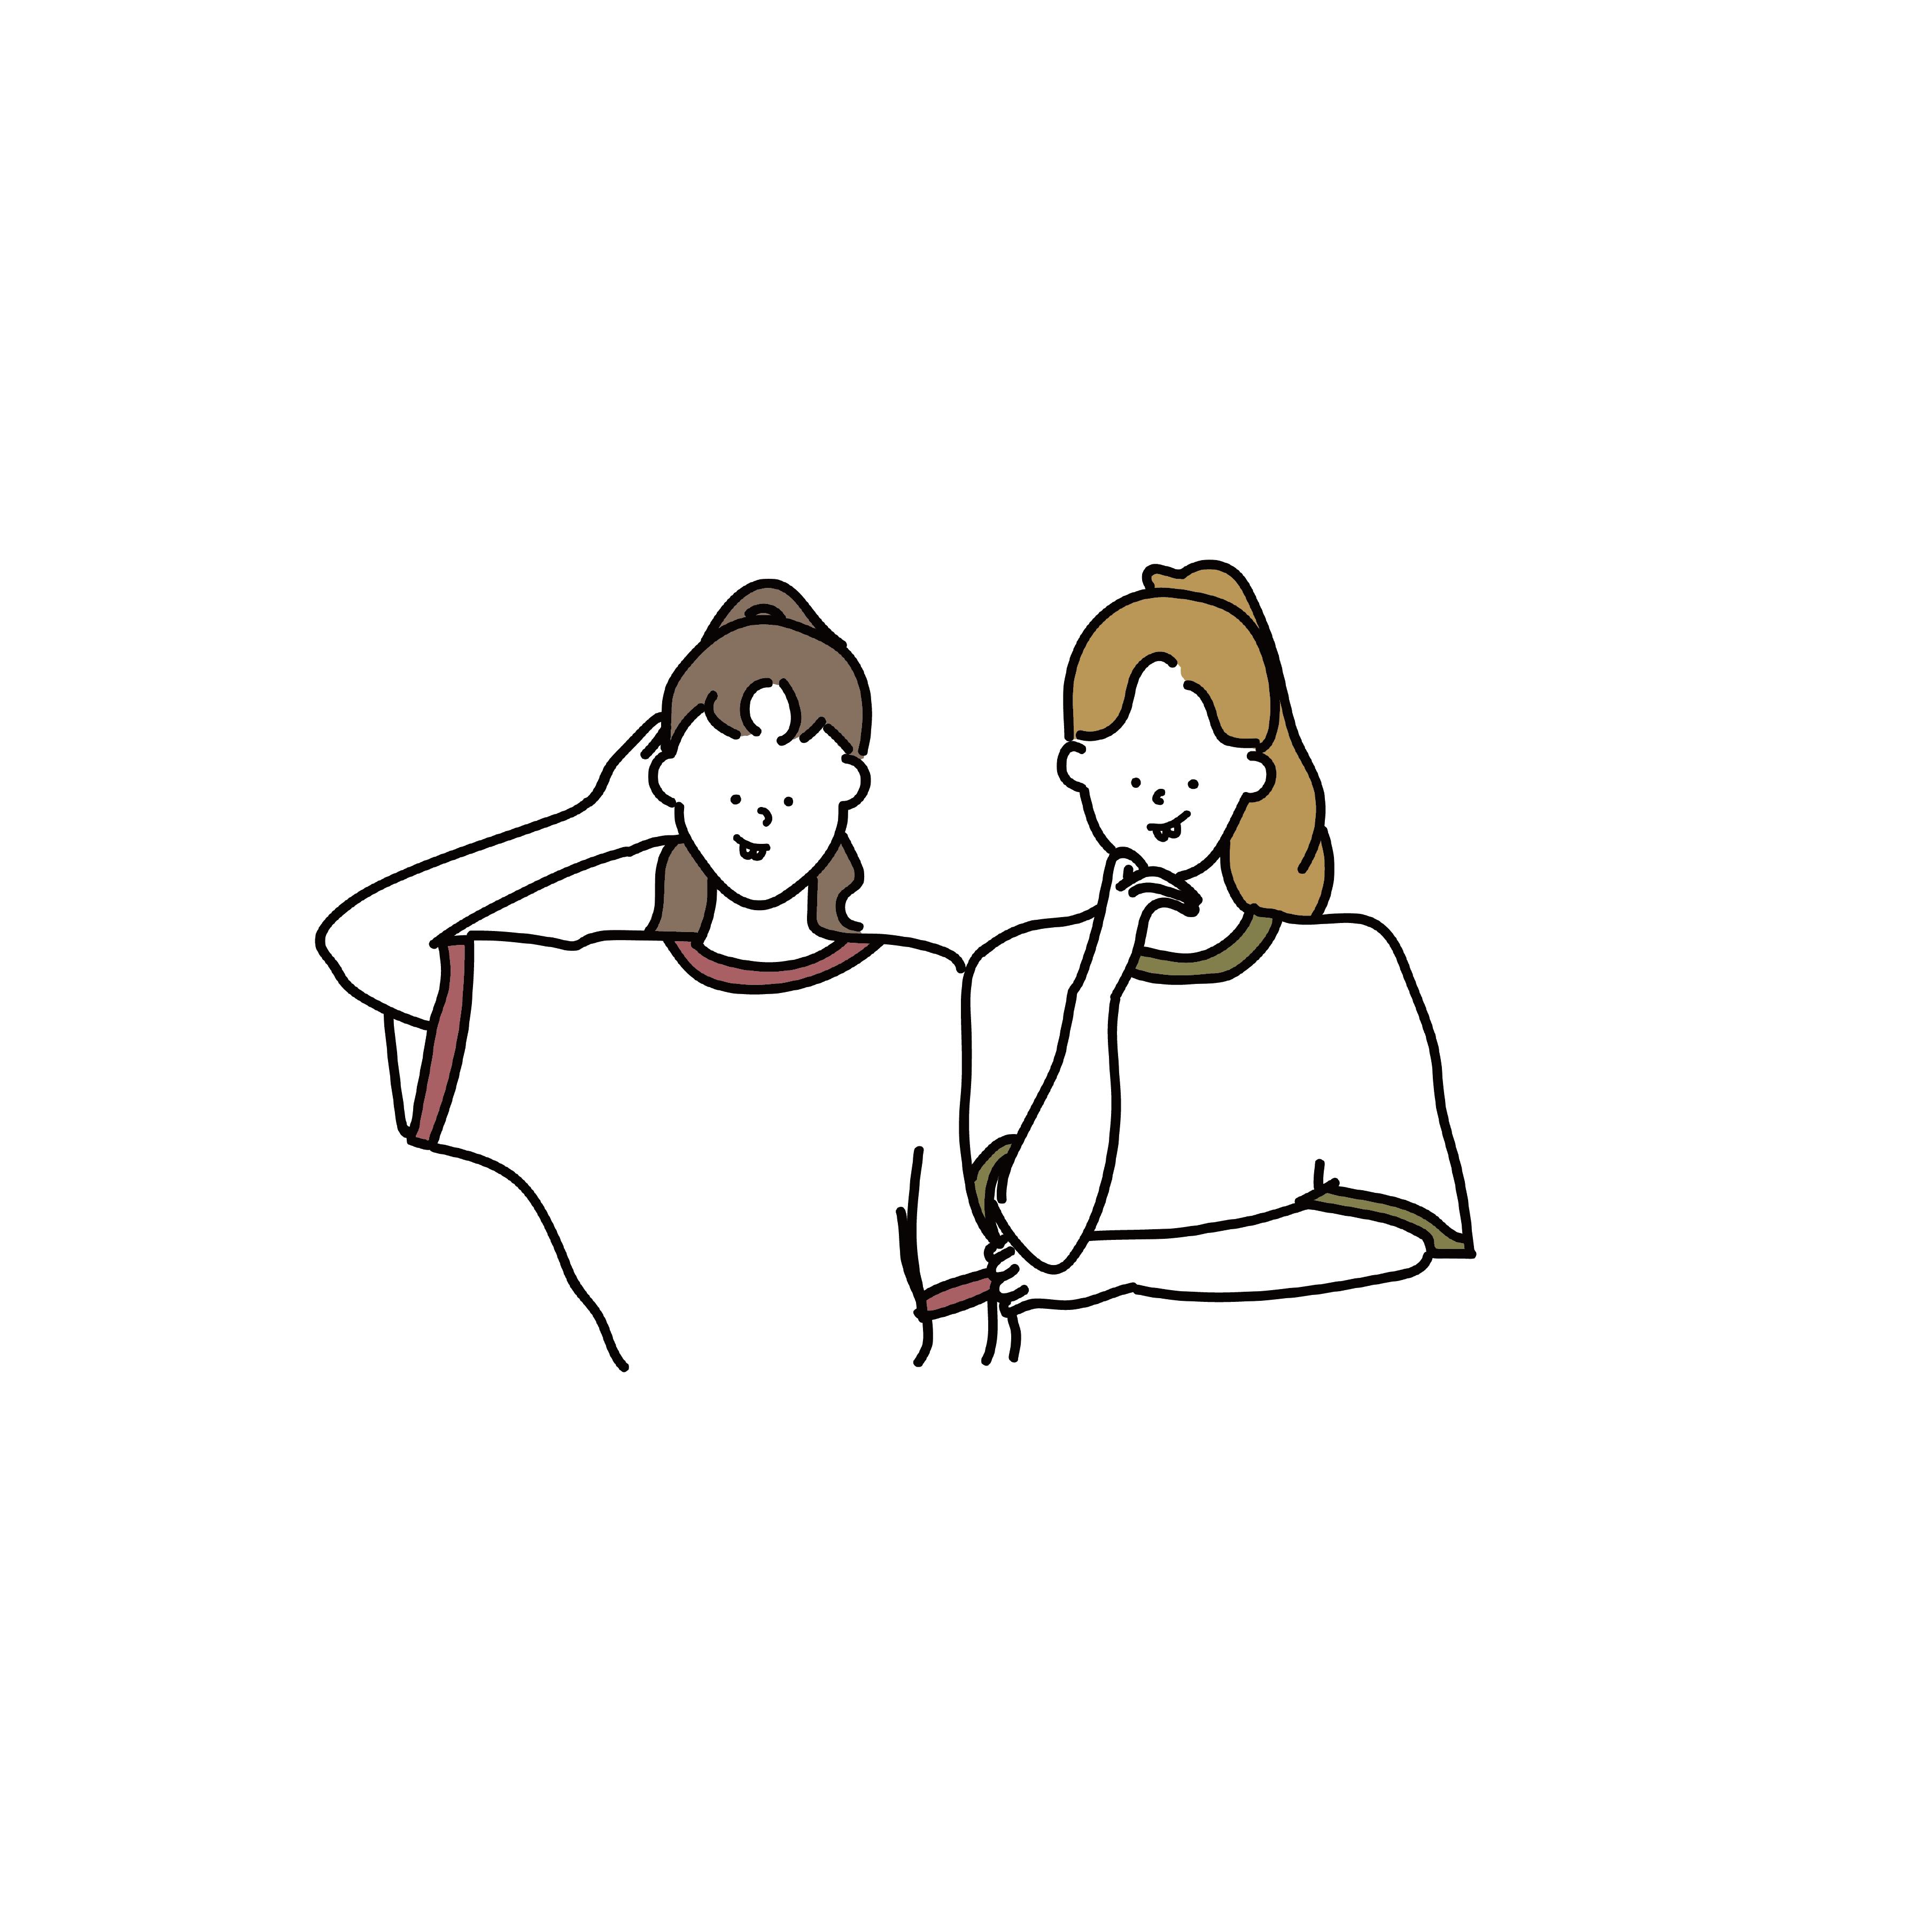 2019 年の女の子 韓国 ポーズ イラスト 色 イラレ Illustrator